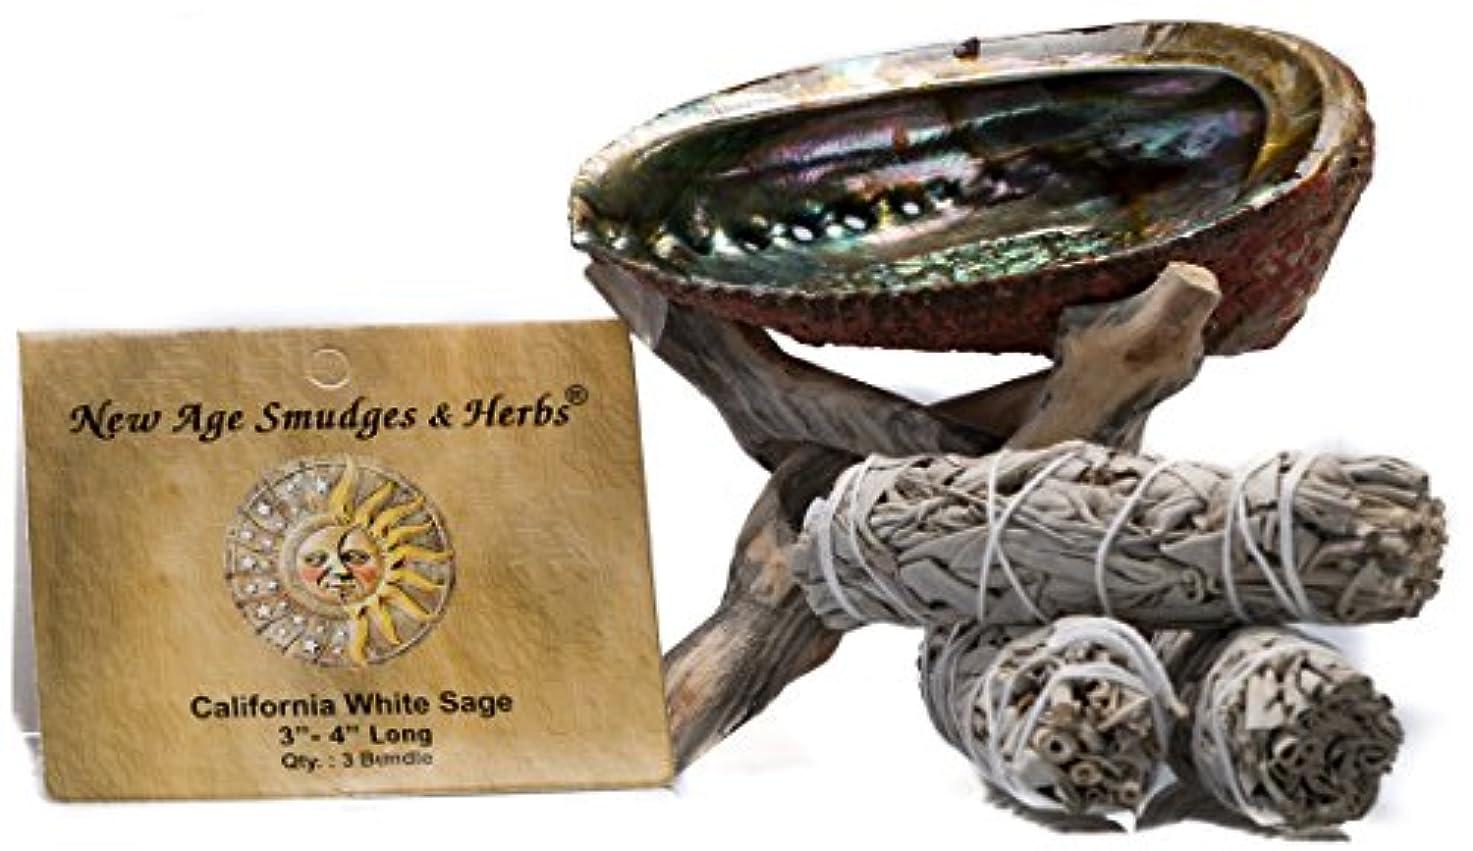 クスコ有彩色の結婚式スマッジングキット - カリフォルニアホワイトセージ スマッジワンド 3本 (サルビア?アピアナ) 美しい自然の5インチ - 6インチ アバロンシェル 天然木製コブラ三脚スタンド付き - セージスティックの長さは4インチ